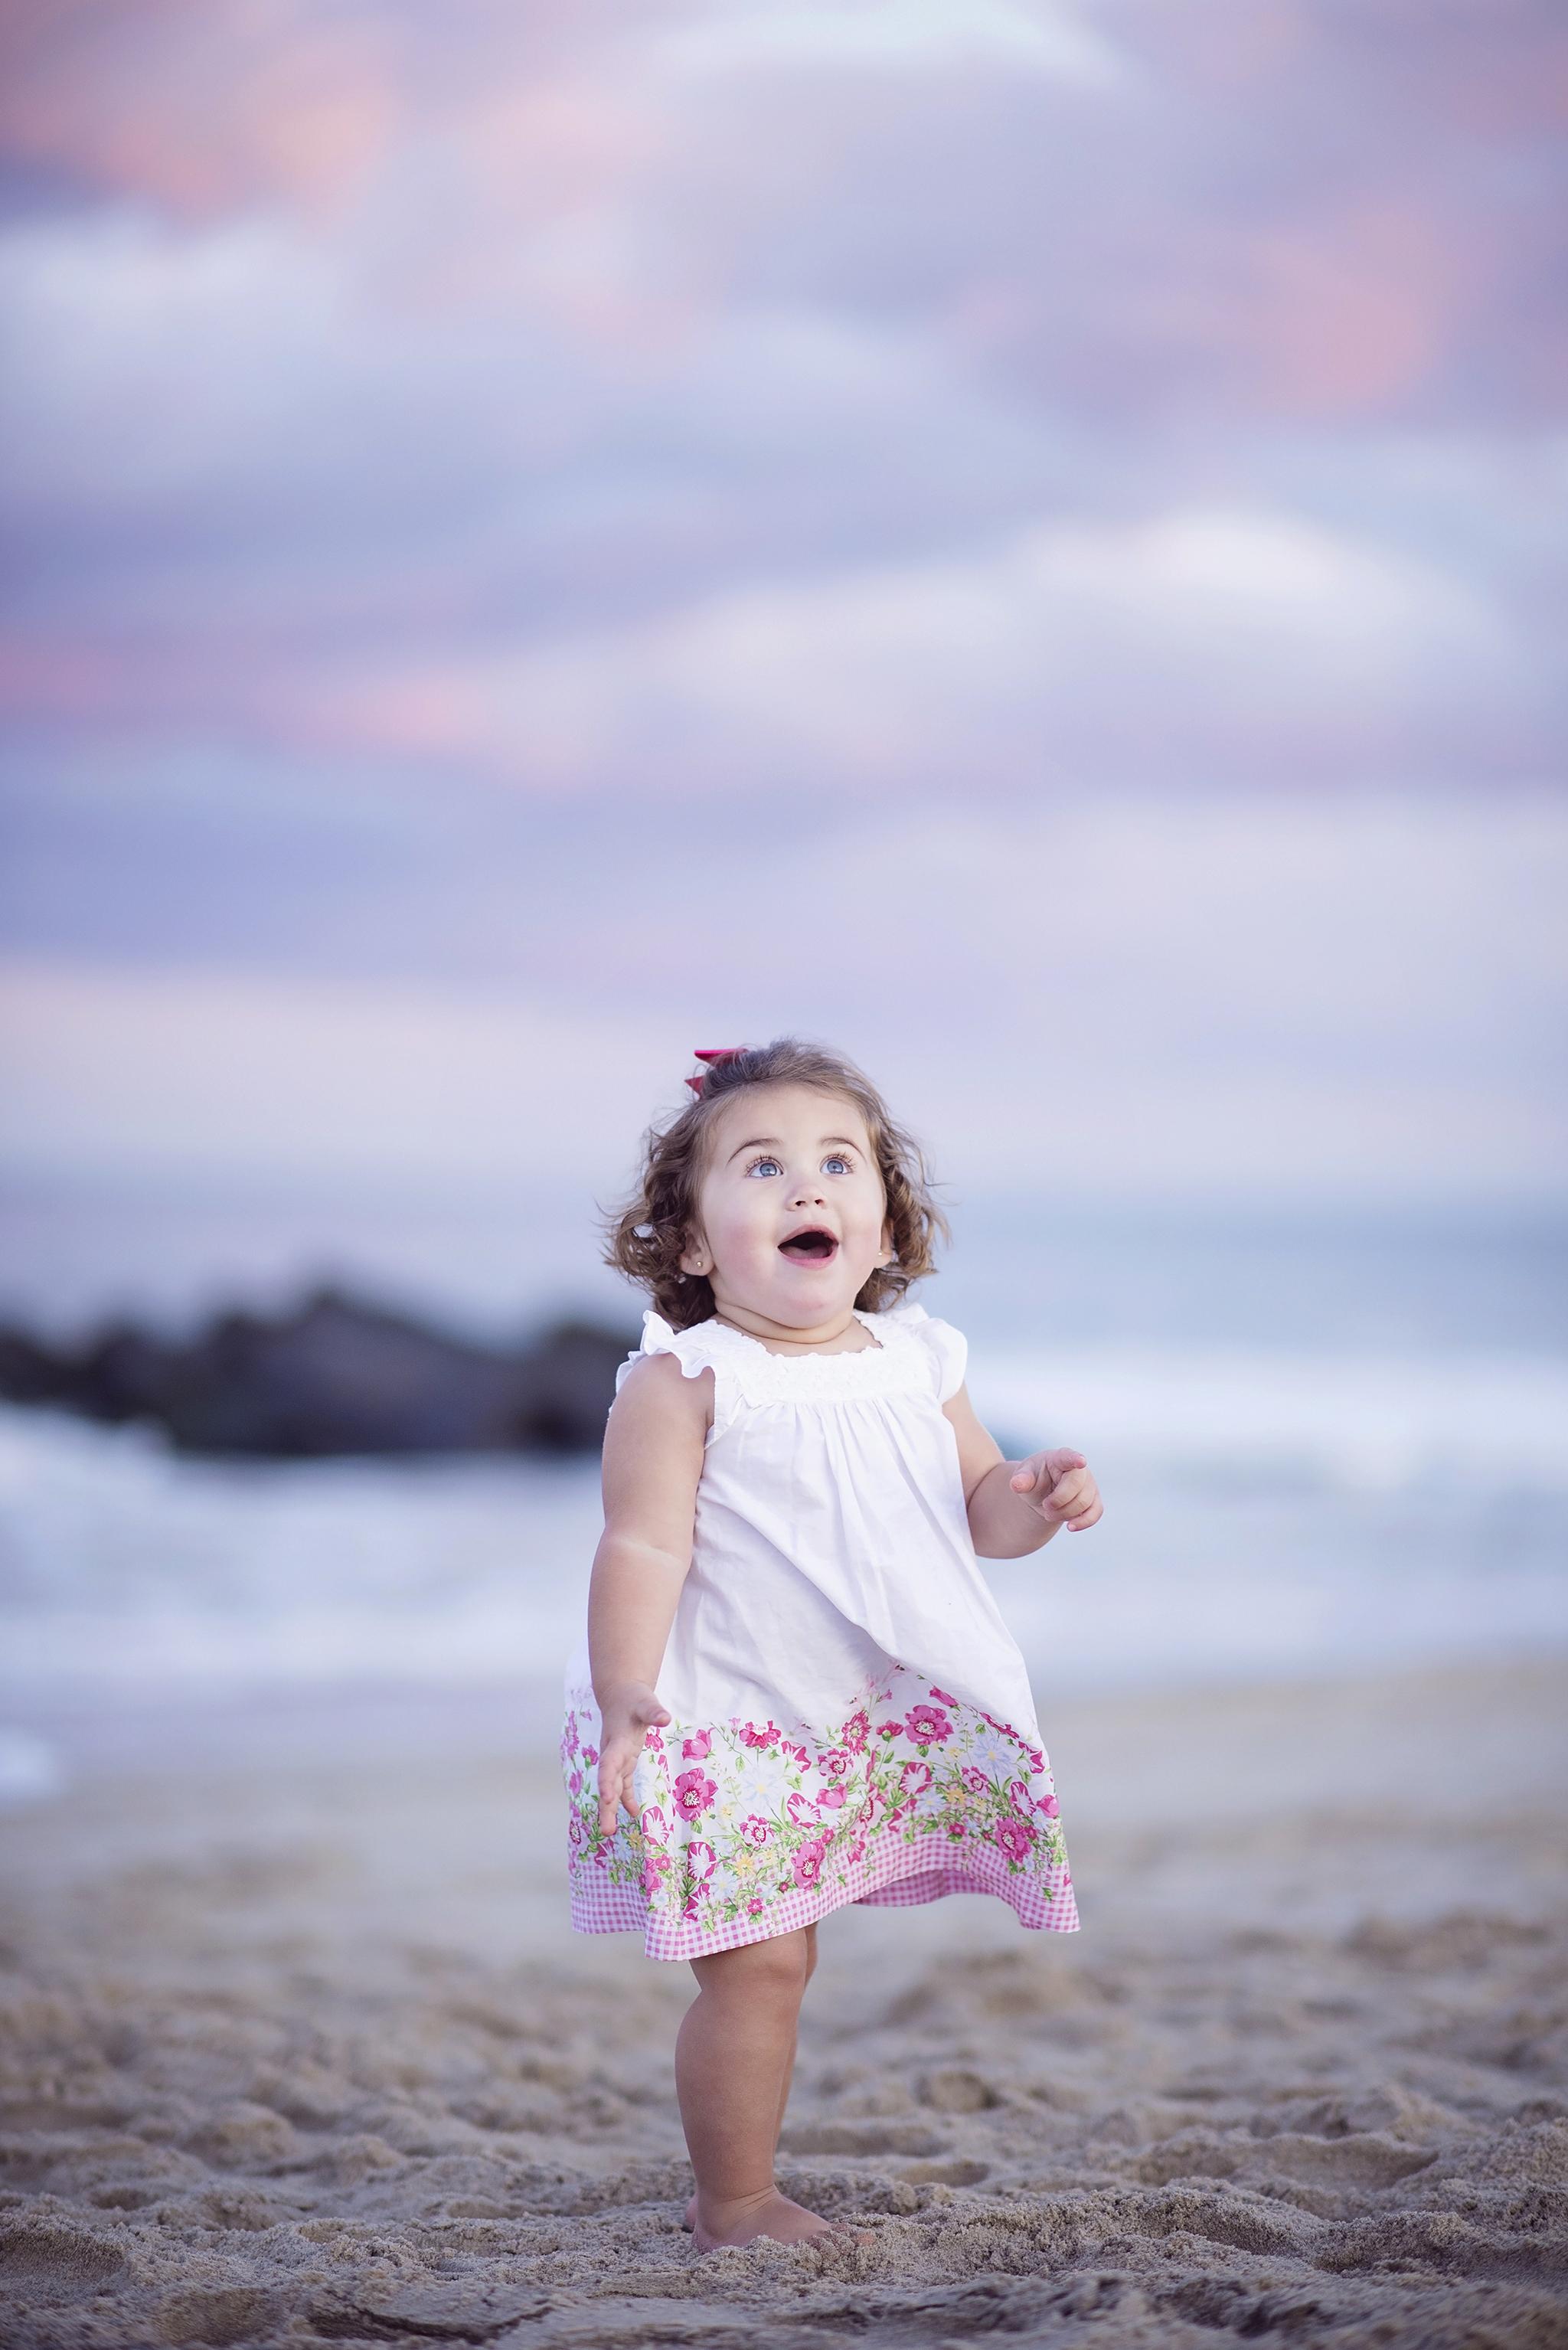 NJ-NY-children-family-Photography-172.JPG